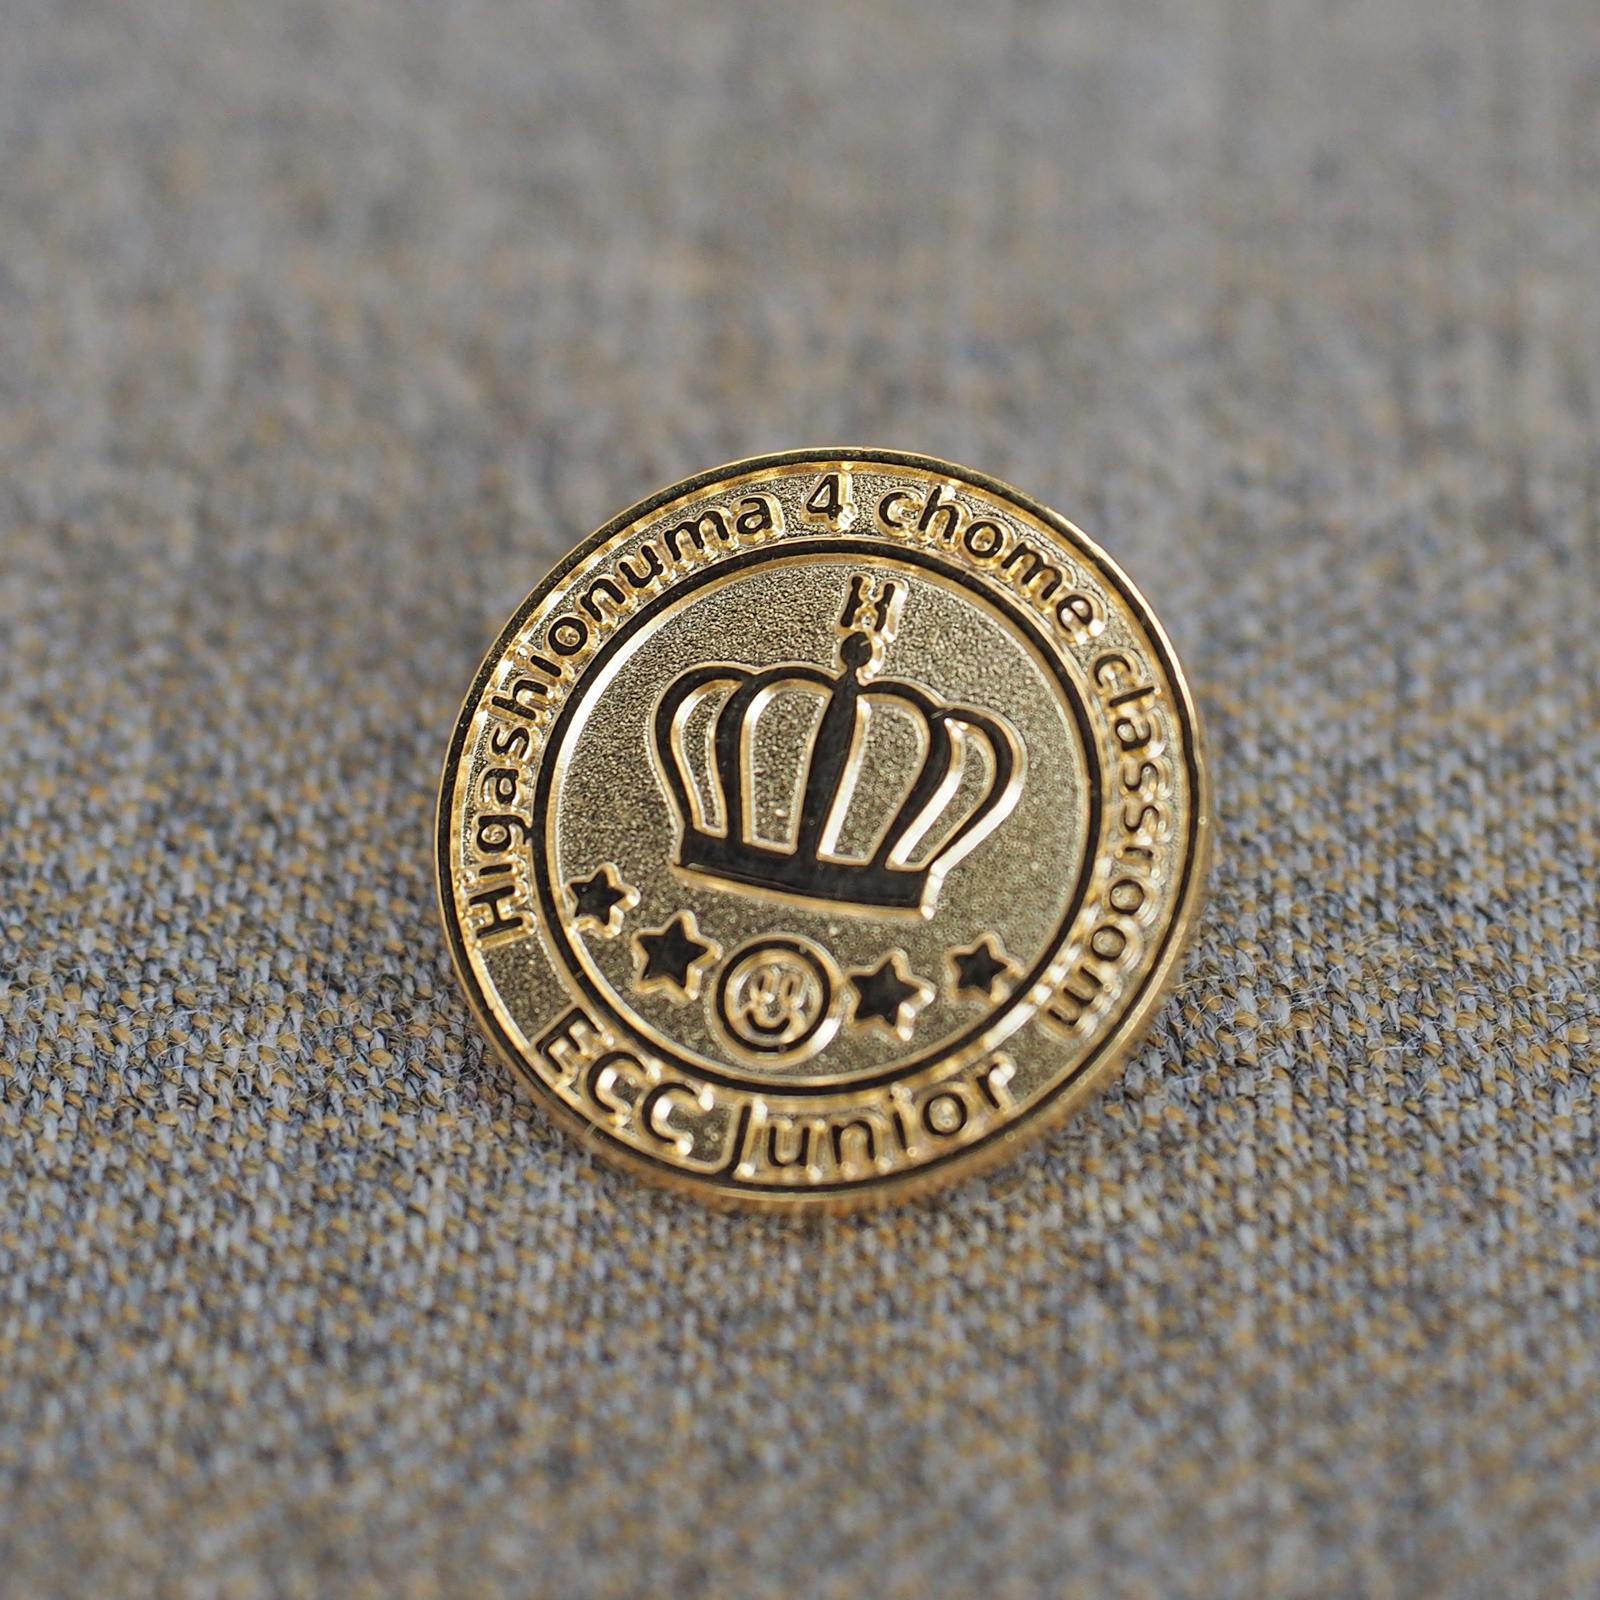 ECC 英語 ピンバッジ メンバー章 ECCジュニア 王冠デザイン ピンバッジデザイン イベントバッジ 金型保管 リピート対応